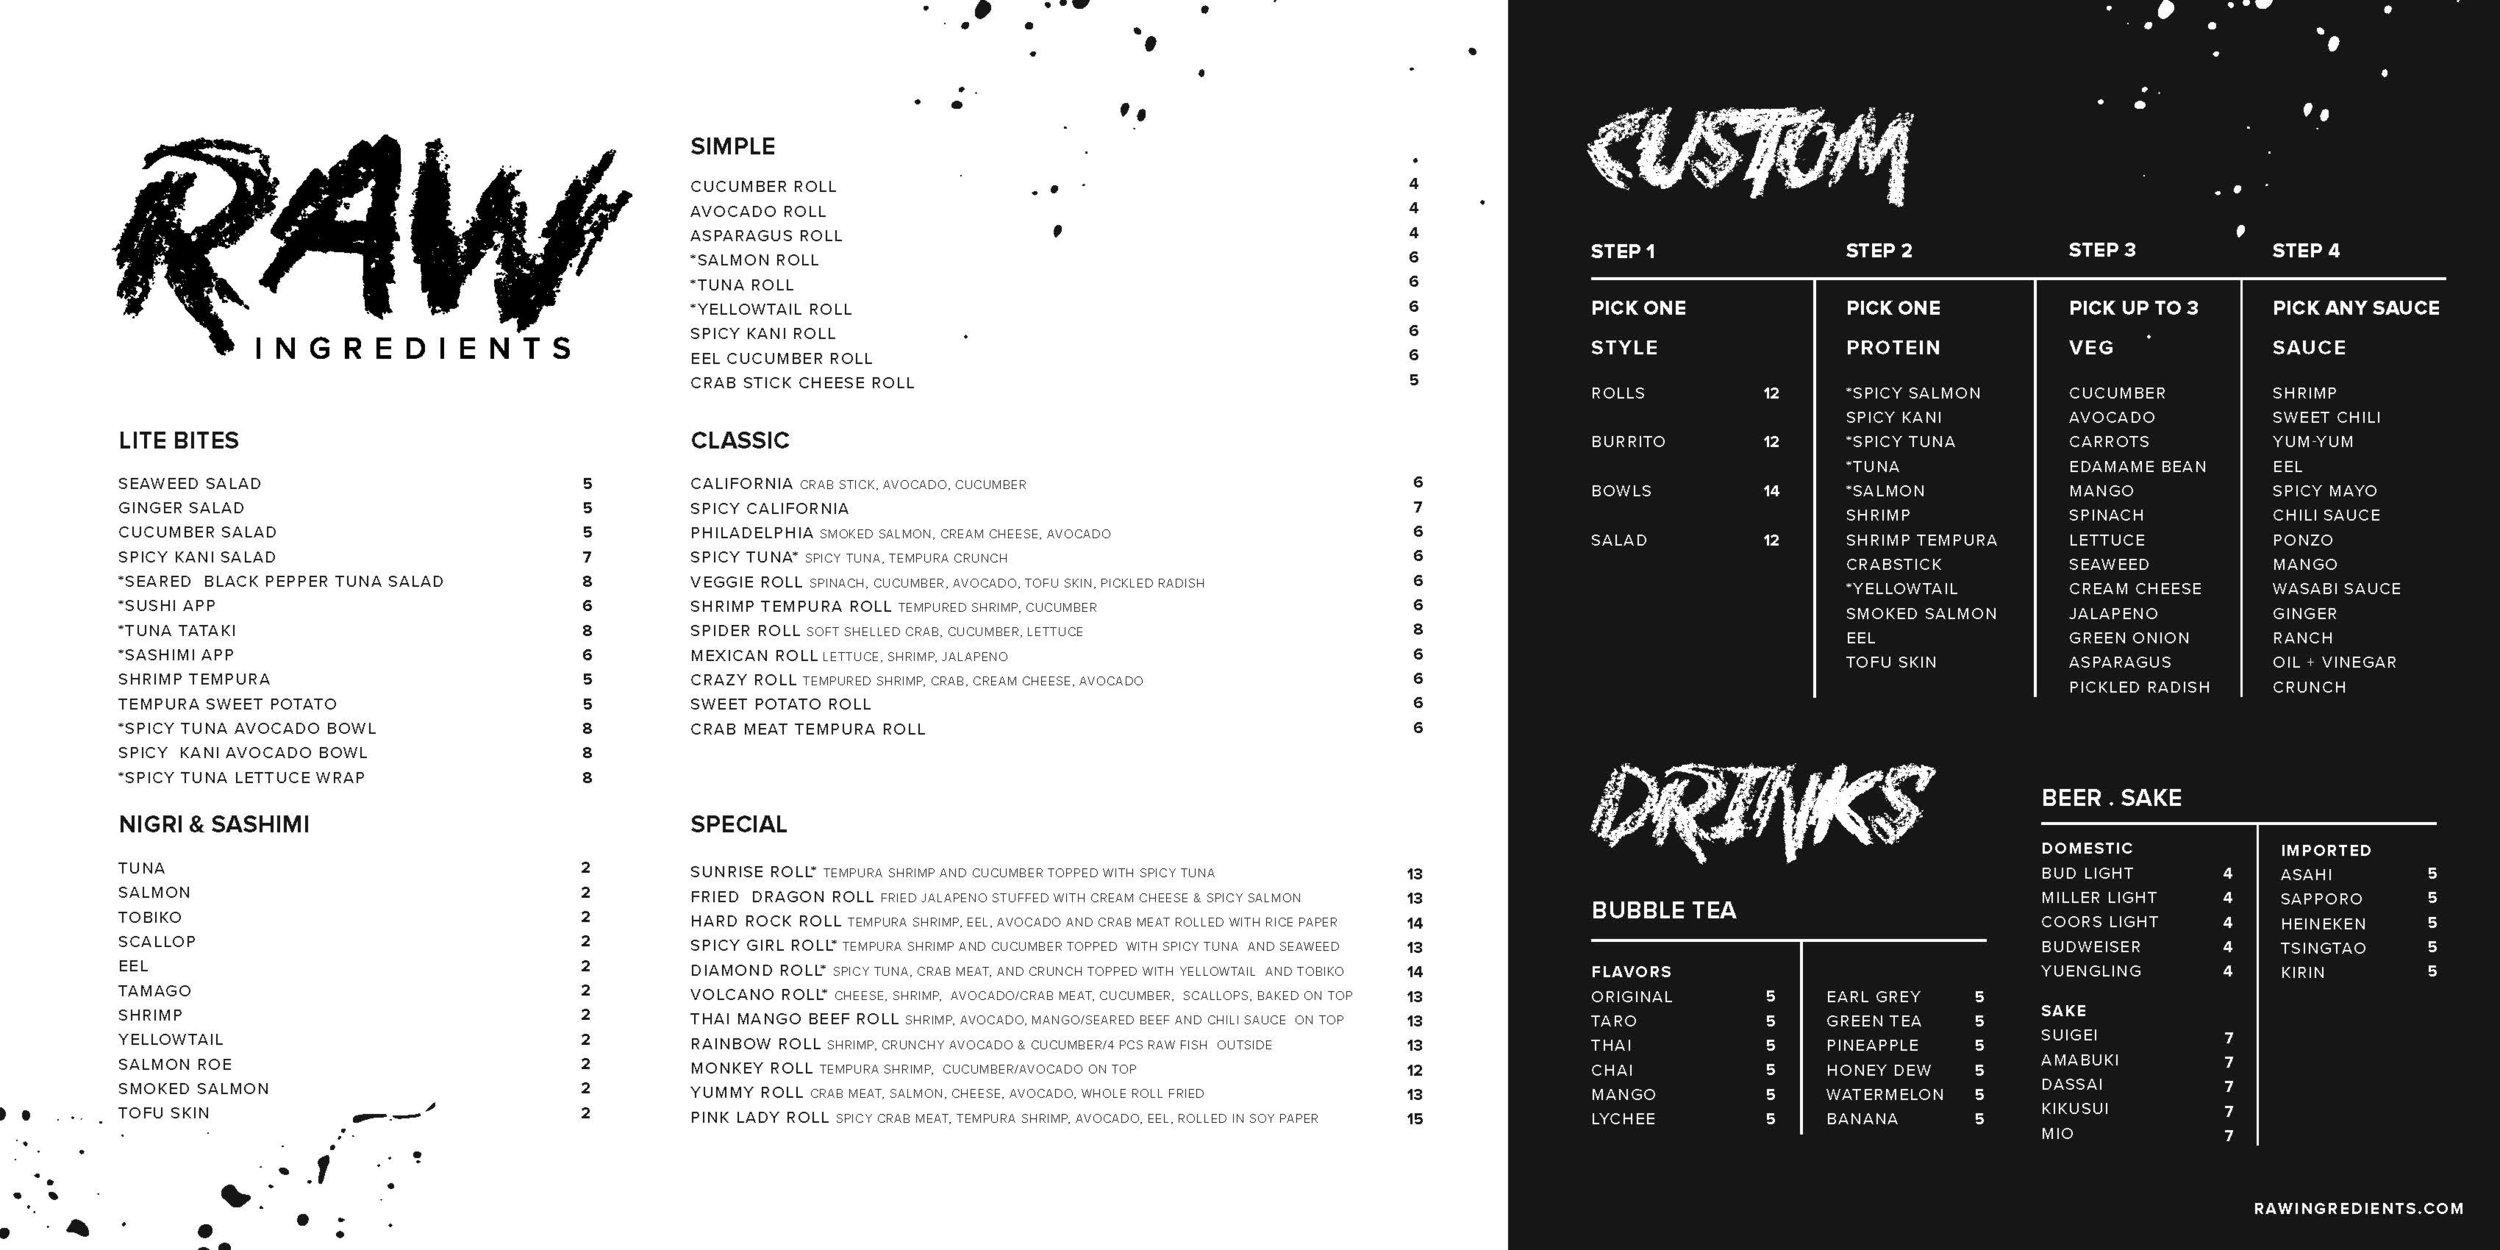 menu_rawingredients_bckyrd_012418.jpg